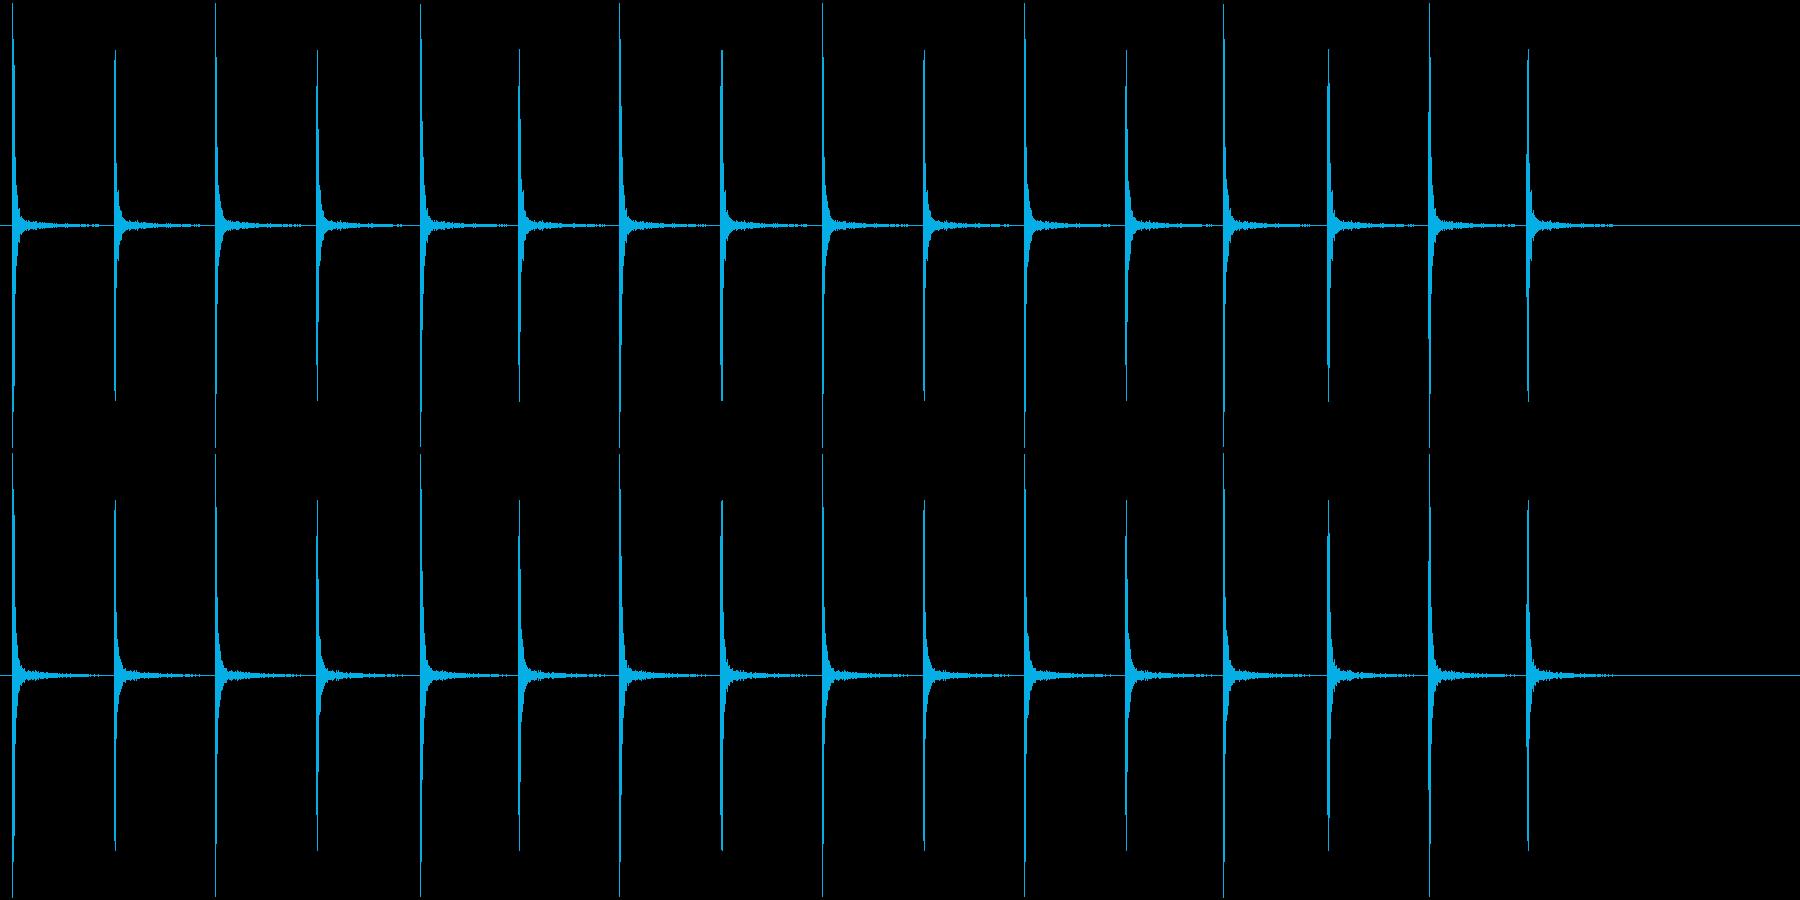 アンティークな時計の音(ループ可能)の再生済みの波形